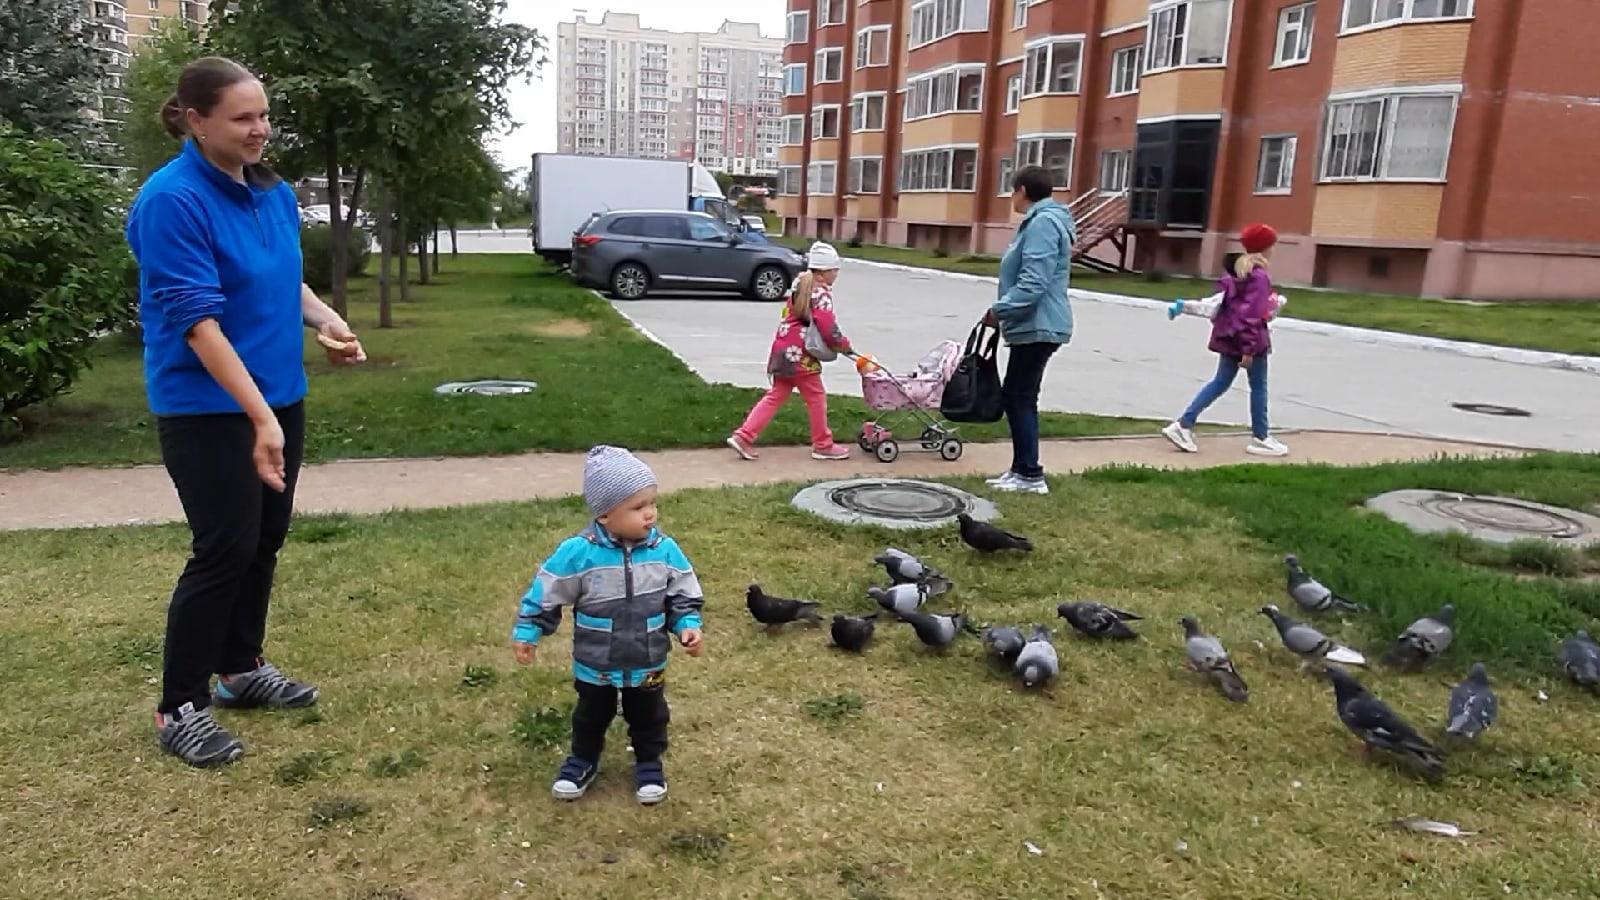 Фото Заряжены оптимизмом: новосибирцы рассказали, как пандемия изменила их настроение и отношение к жизни 8